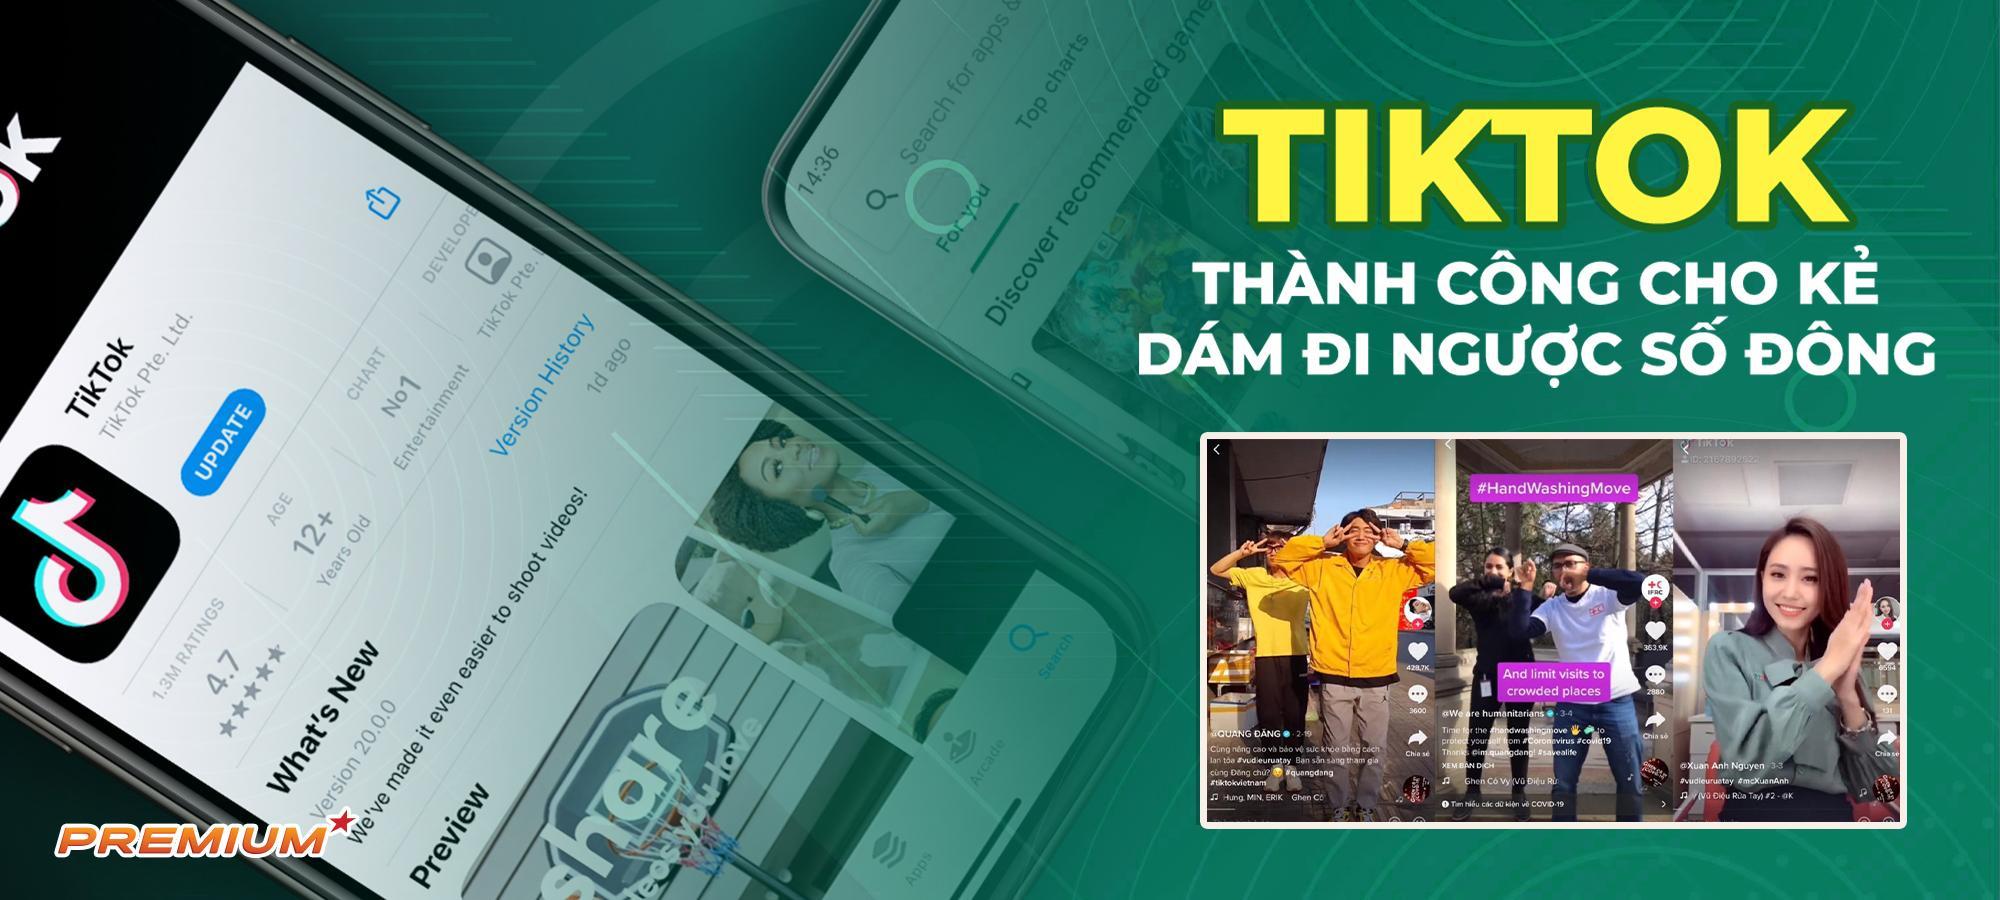 TikTok - Thành công cho kẻ dám đi ngược số đông